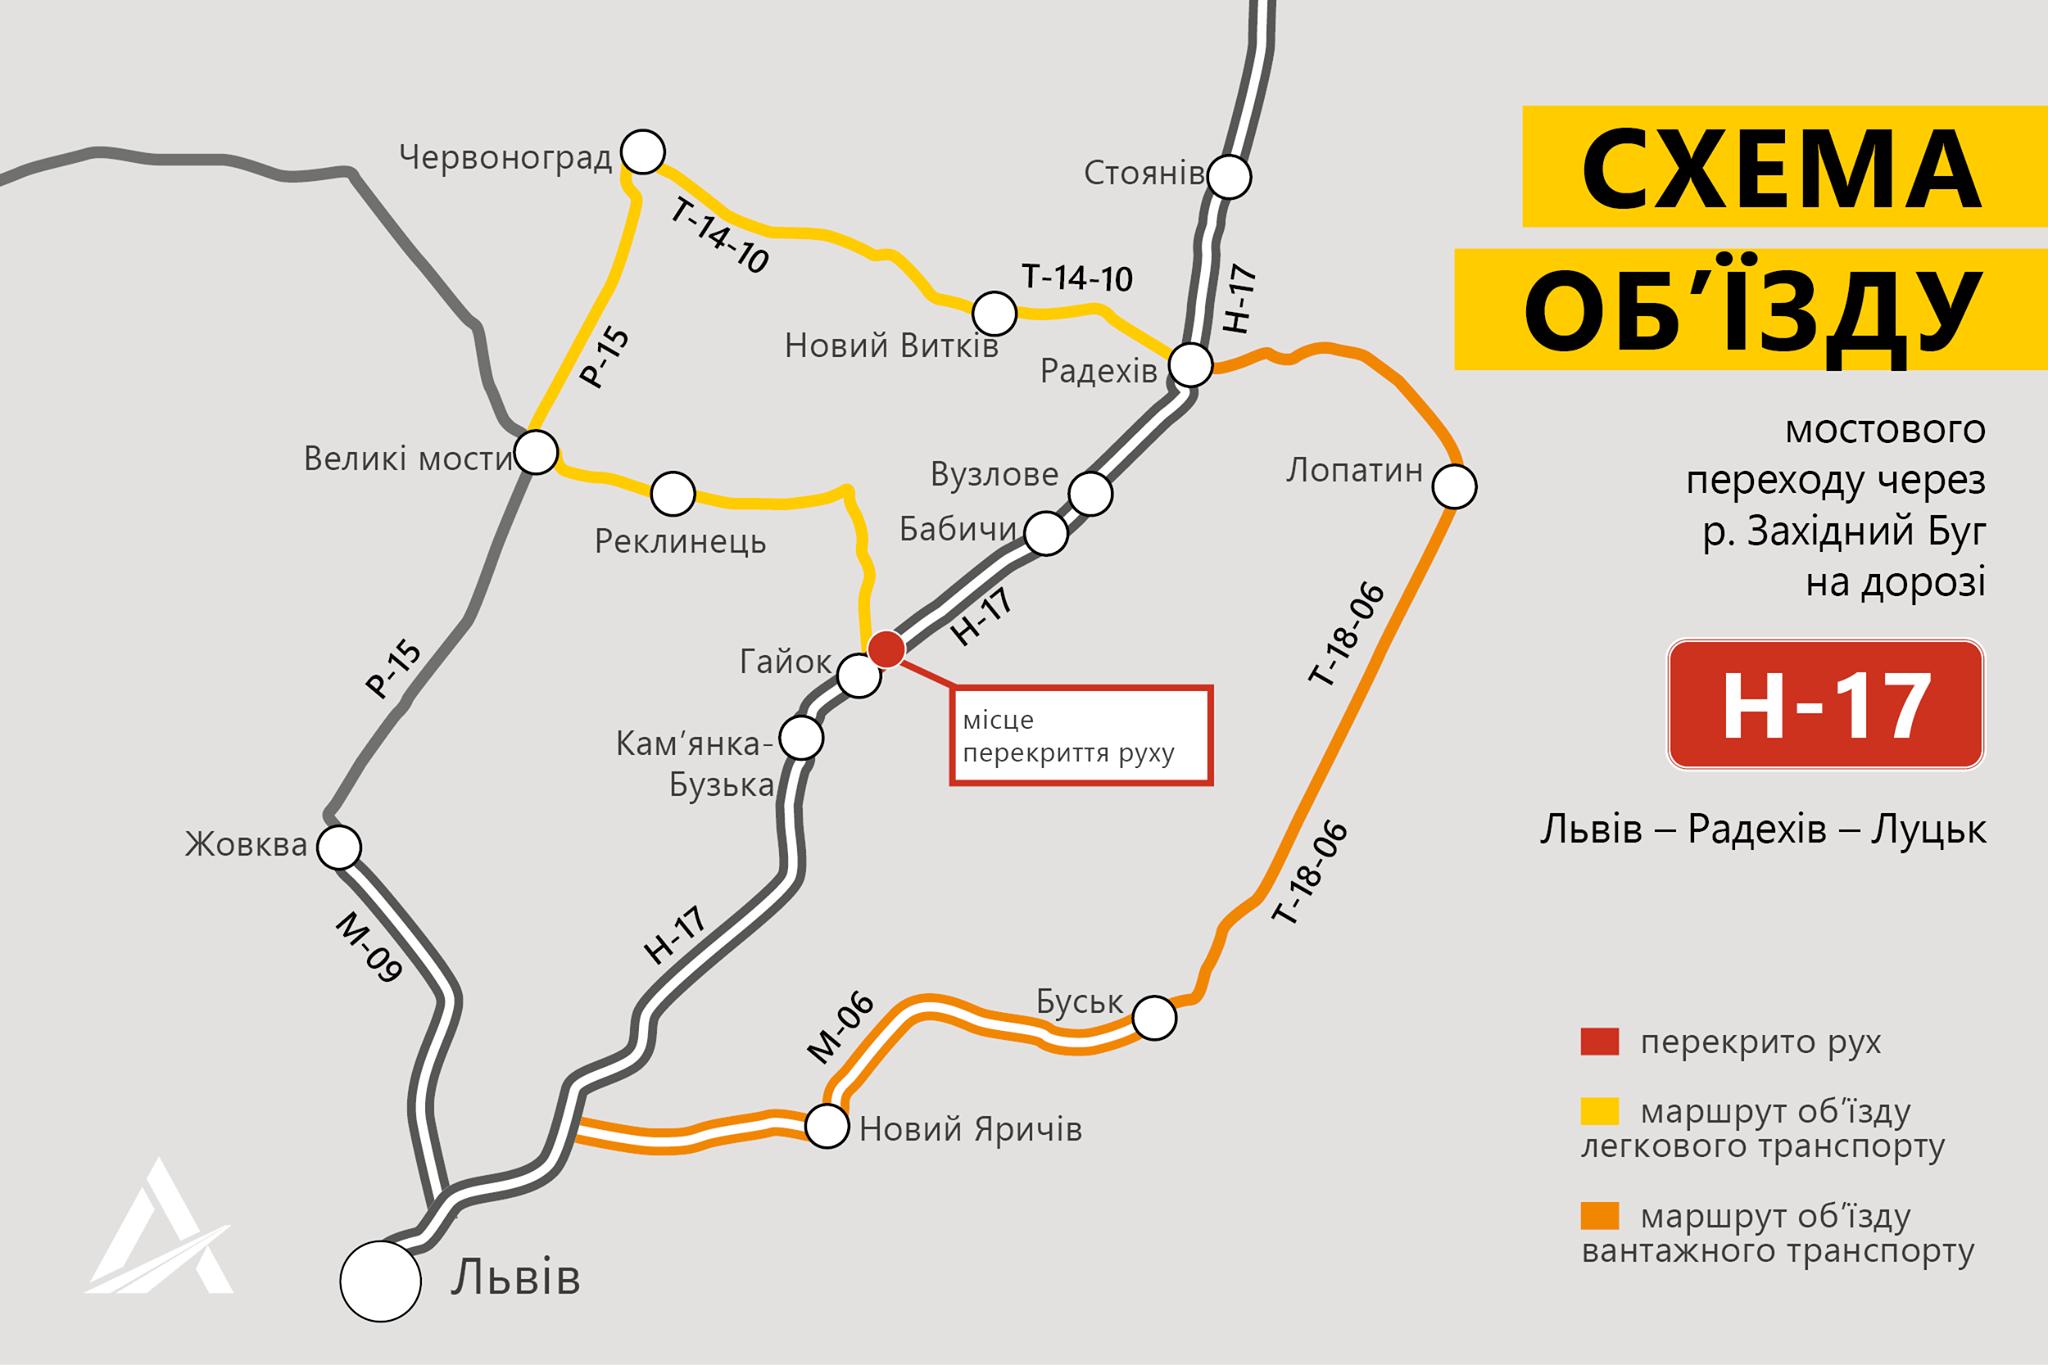 Схема об'їзду мостового переходу через річку Західний Буг на дорозі Н-17 Львів - Радехів - Луцьк